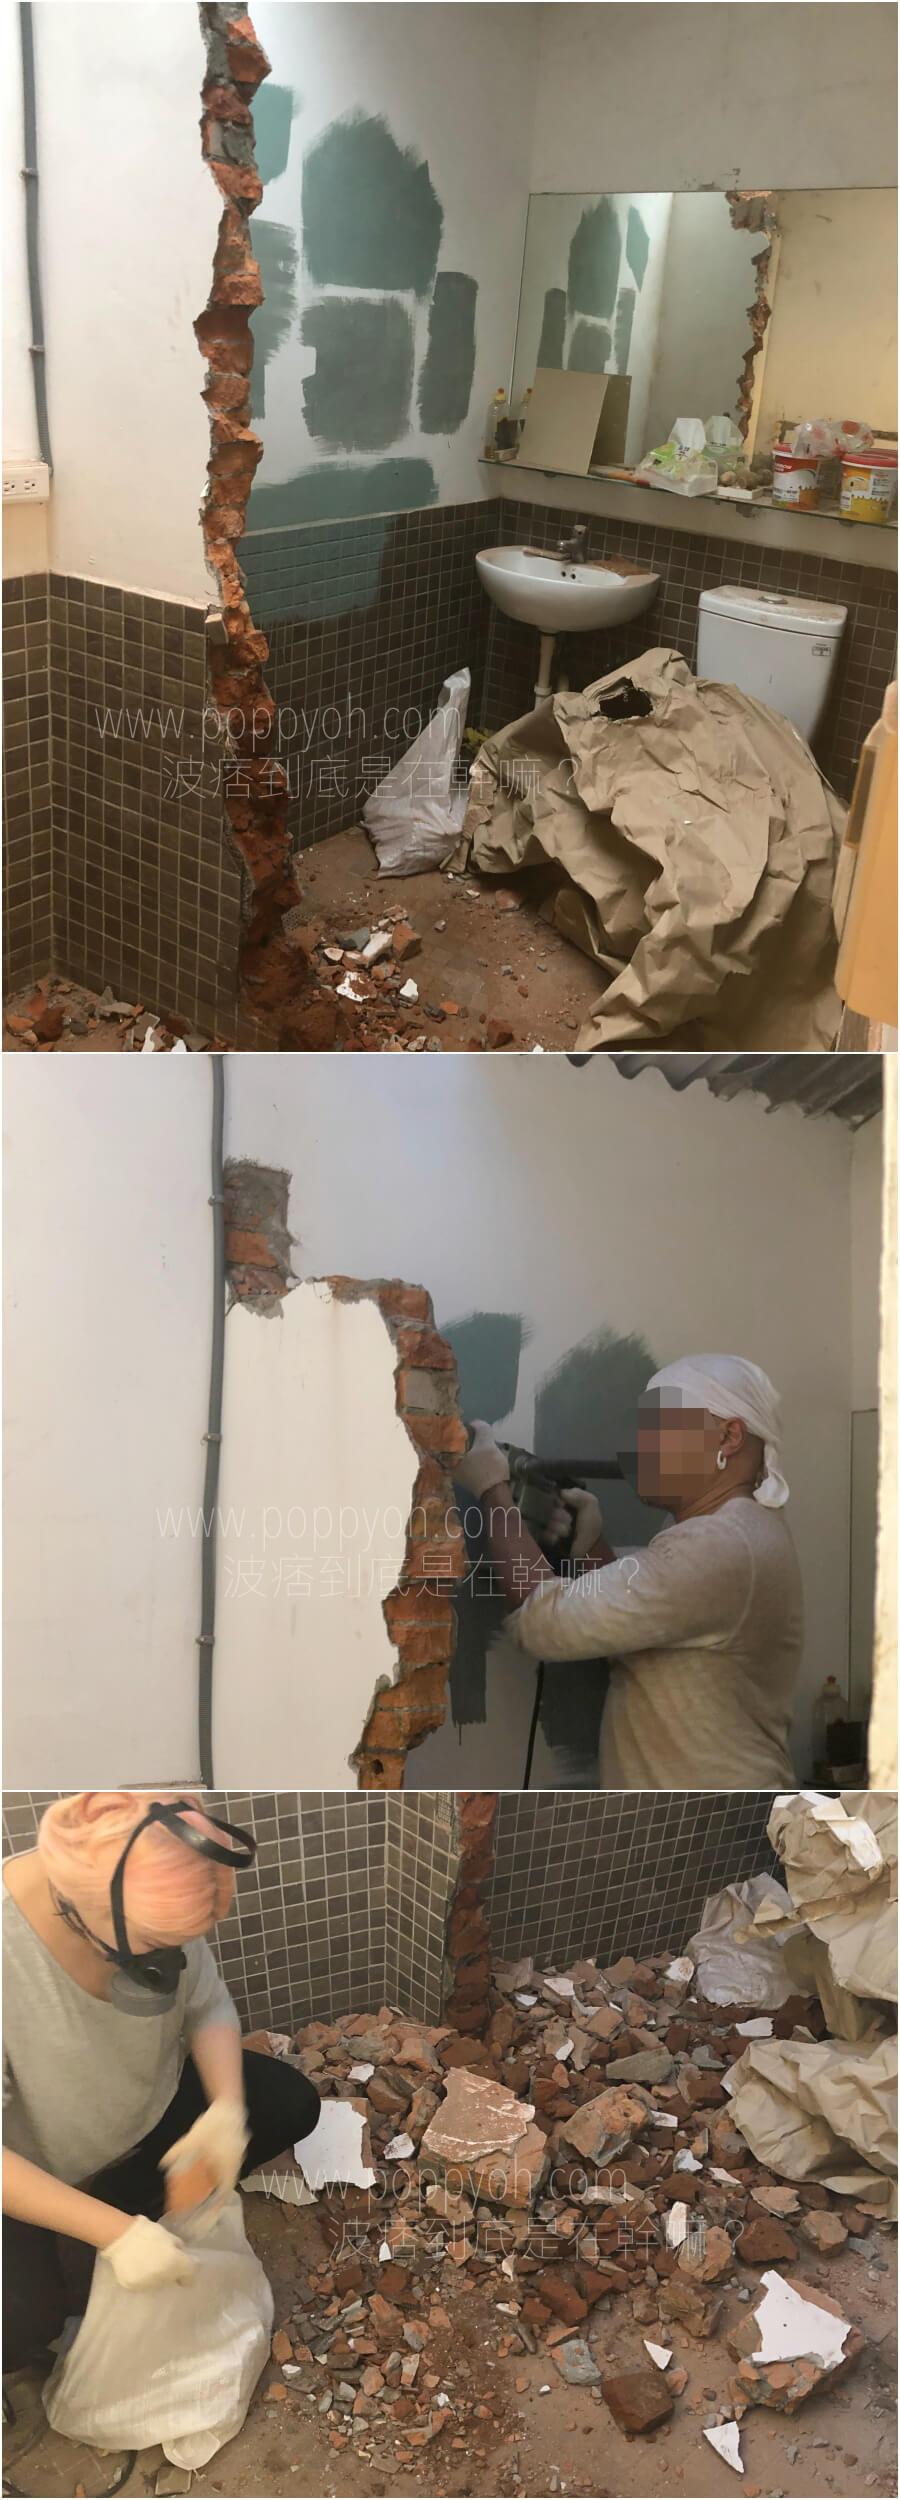 居家改造 廁所 格局 牆壁打掉